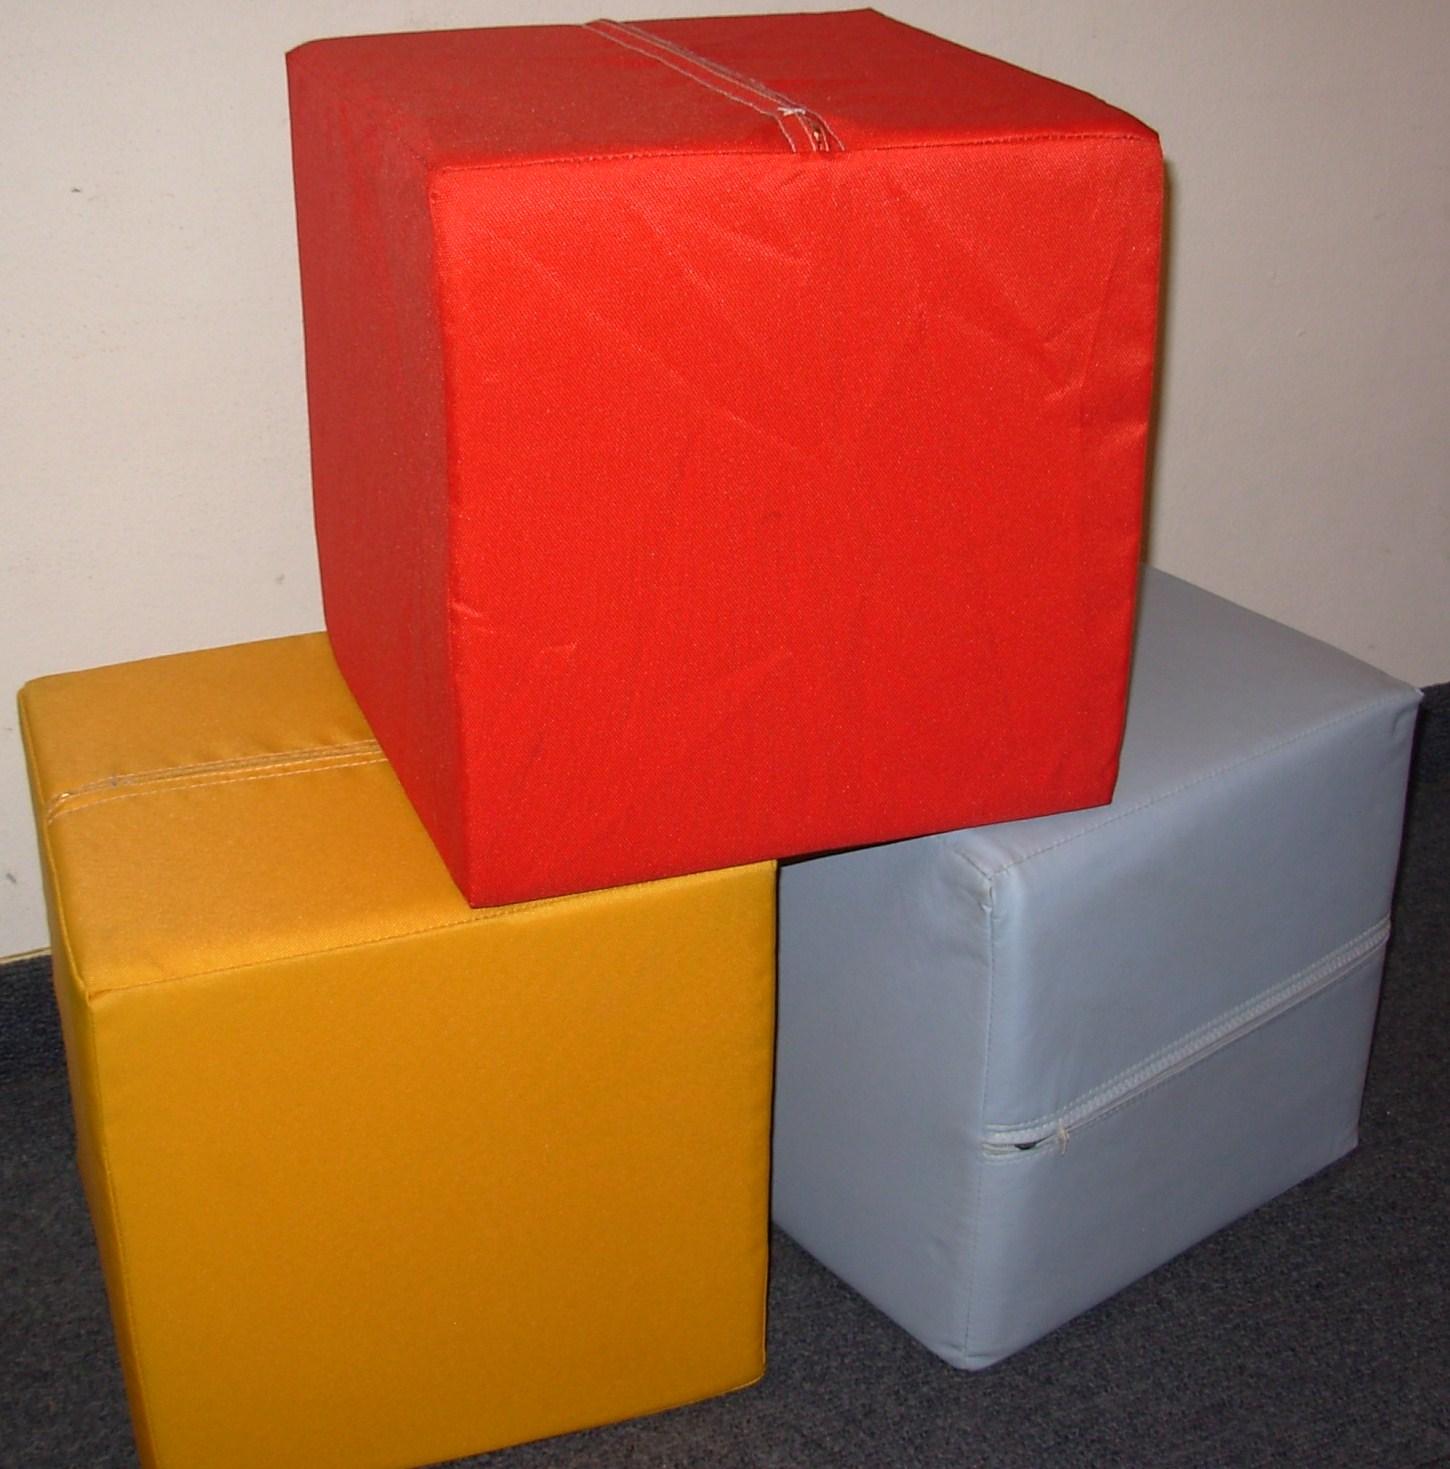 Creando 2010 cubos de goma espuma de alta densidad - Espuma de alta densidad para sofa ...